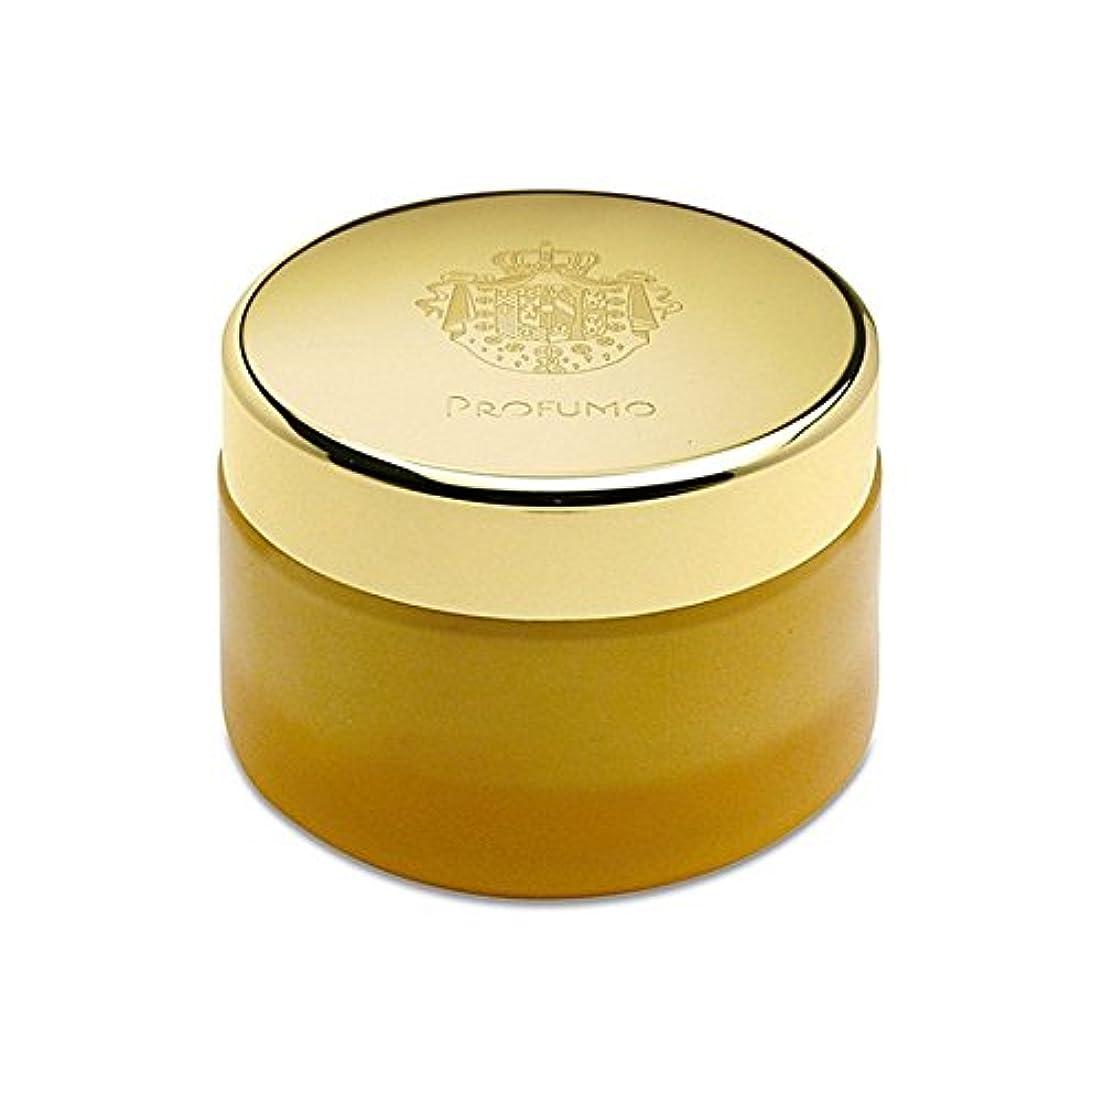 特性船員ネーピアアクアディパルマボディクリーム200ミリリットル x4 - Acqua Di Parma Profumo Body Cream 200ml (Pack of 4) [並行輸入品]